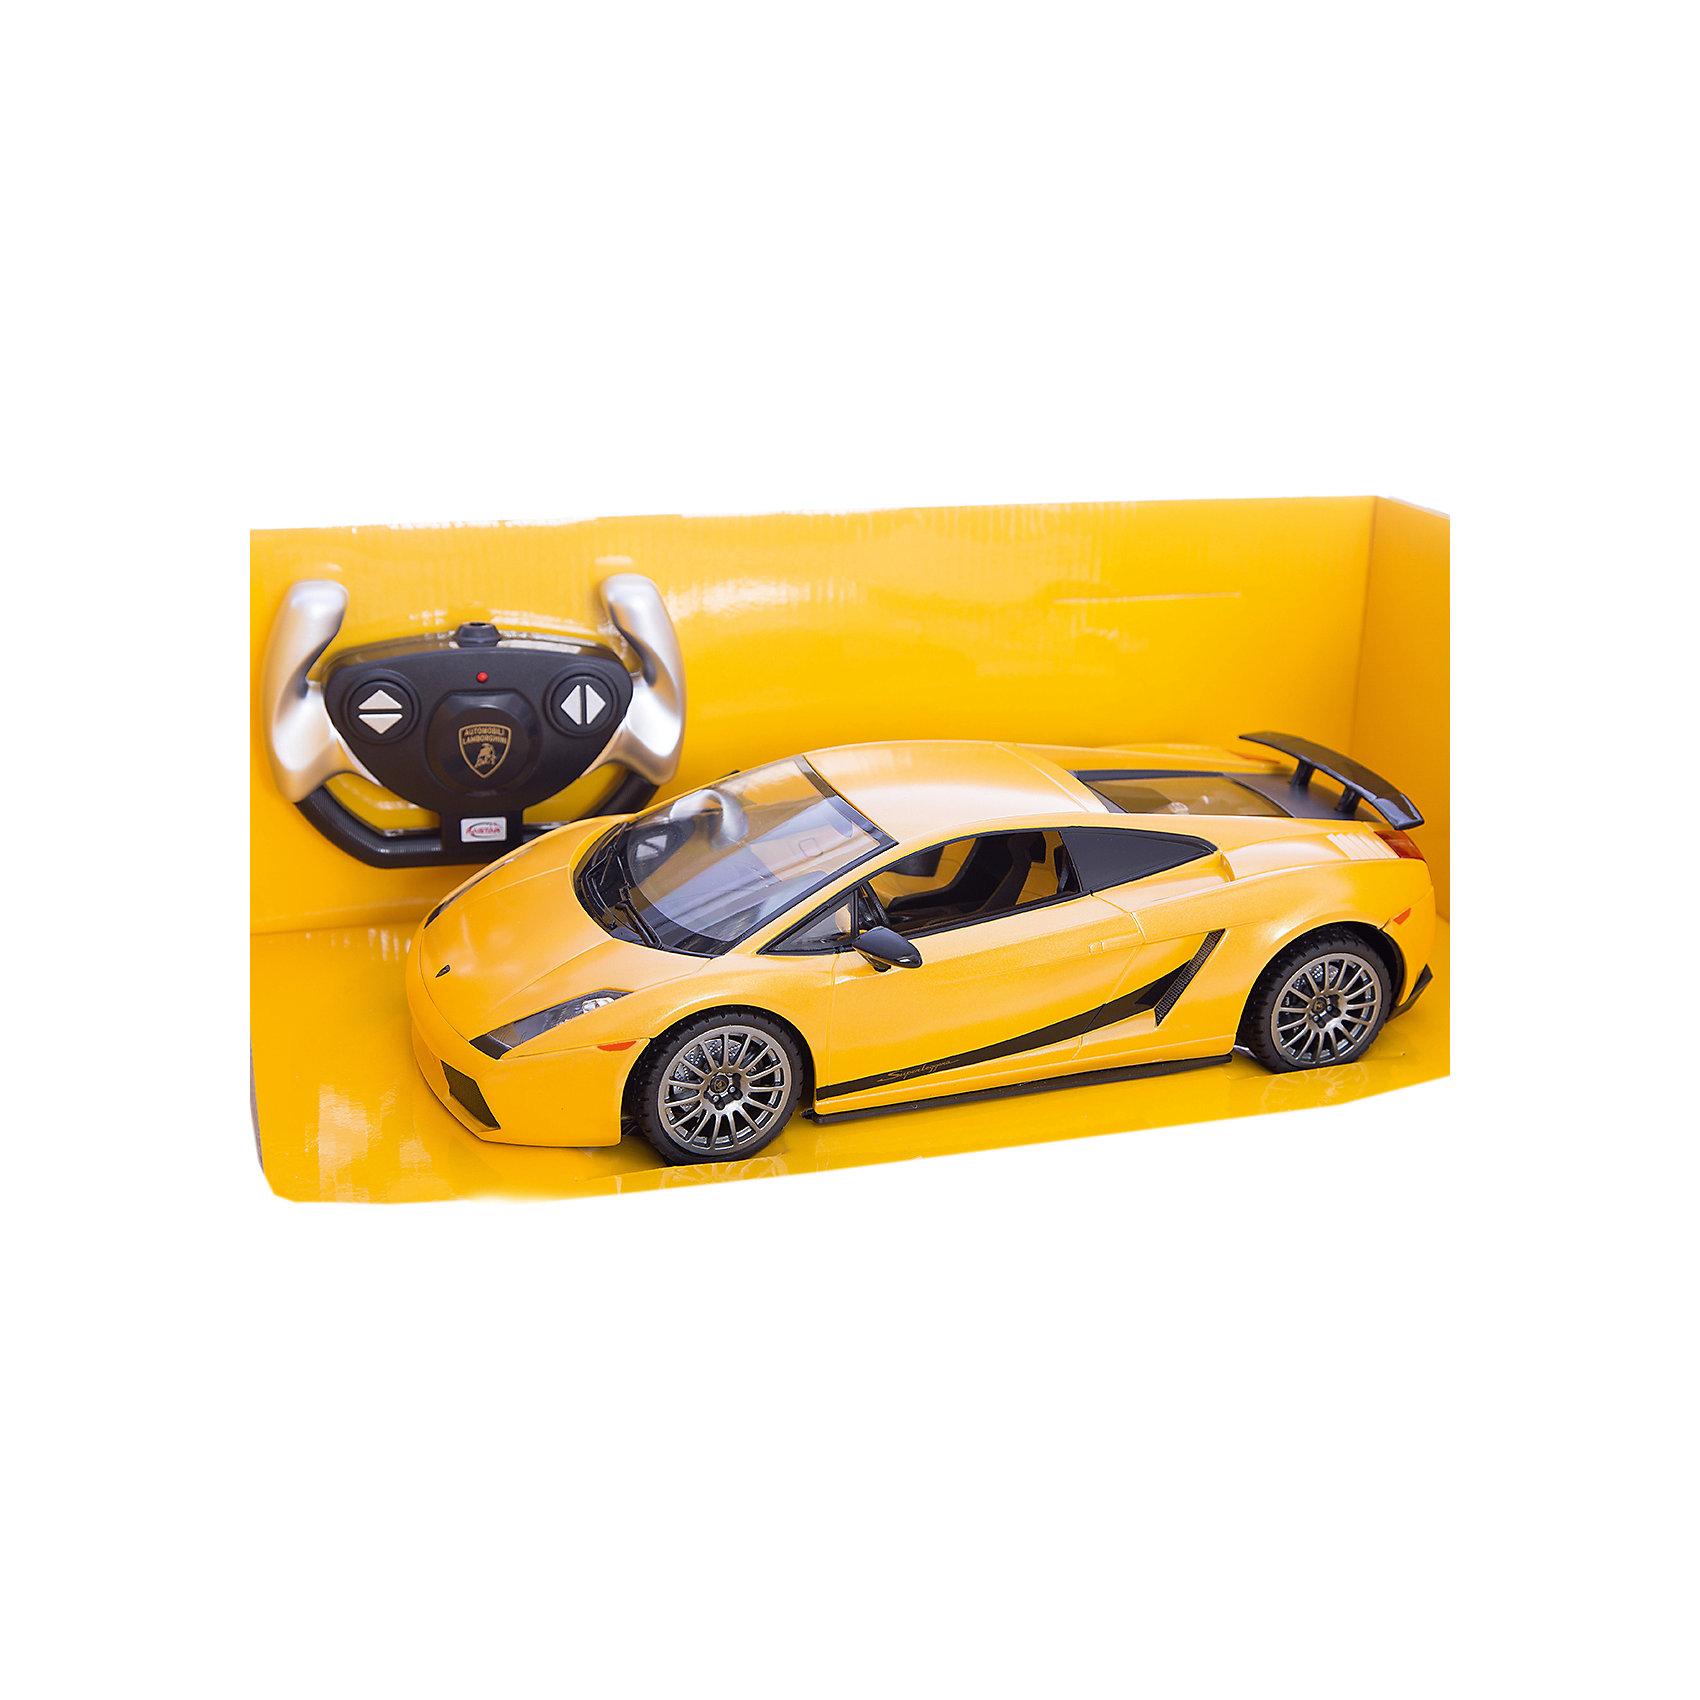 RASTAR Радиоуправляемая машина Lamborghini 1:14, желтаяМашинки<br>RASTAR Радиоуправляемая машина Lamborghini 1:14 - игрушка, которая наверняка приведет в восторг юного любителя  взрослых автомобилей: эта радиоуправляемая машина - уменьшенная копия настоящего Lamborghini! <br><br>Модель выполнена в масштабе 1: 14.<br><br>Особенности игрушки:<br><br>- Работает на частоте: 27MHz; <br>- Движение вперед, назад, вправо, влево; <br>- Контроль управления: 15 - 45 метров; <br>- Развивает скорость до: 7 км/ч; <br>- Светятся фары. <br><br><br>Дополнительная информация:<br><br><br>- Для работы требуются батарейки: 5 Х АА, 6F/22<br>(не входят в комплект).<br>- Материалы: пластмасса, металл.<br>- Размер: 30,7 х 13,6 х 8,5 см.<br>- Размер упаковки: 43 х 22,5 х 17,5 см.<br>- Вес: 1,16 кг.<br><br>Ширина мм: 175<br>Глубина мм: 430<br>Высота мм: 225<br>Вес г: 1160<br>Возраст от месяцев: 72<br>Возраст до месяцев: 144<br>Пол: Мужской<br>Возраст: Детский<br>SKU: 4833562